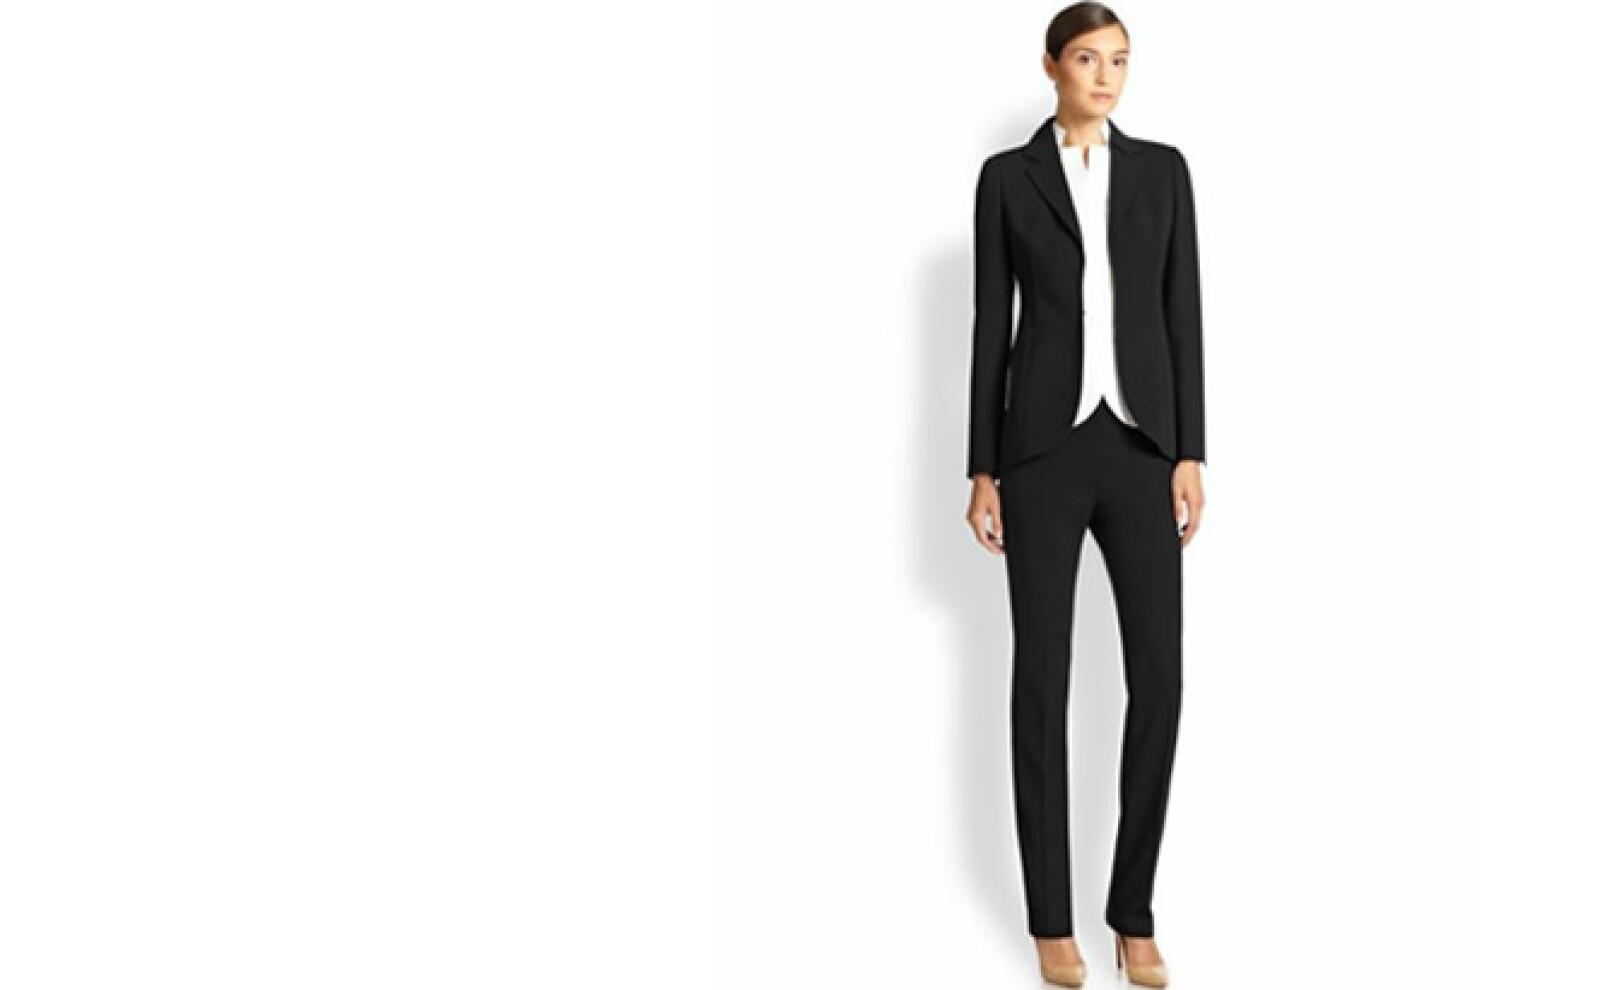 El traje sastre es la prenda elemental para lucir elegante y con autoridad. Negro, marino y gris son los colores básicos.